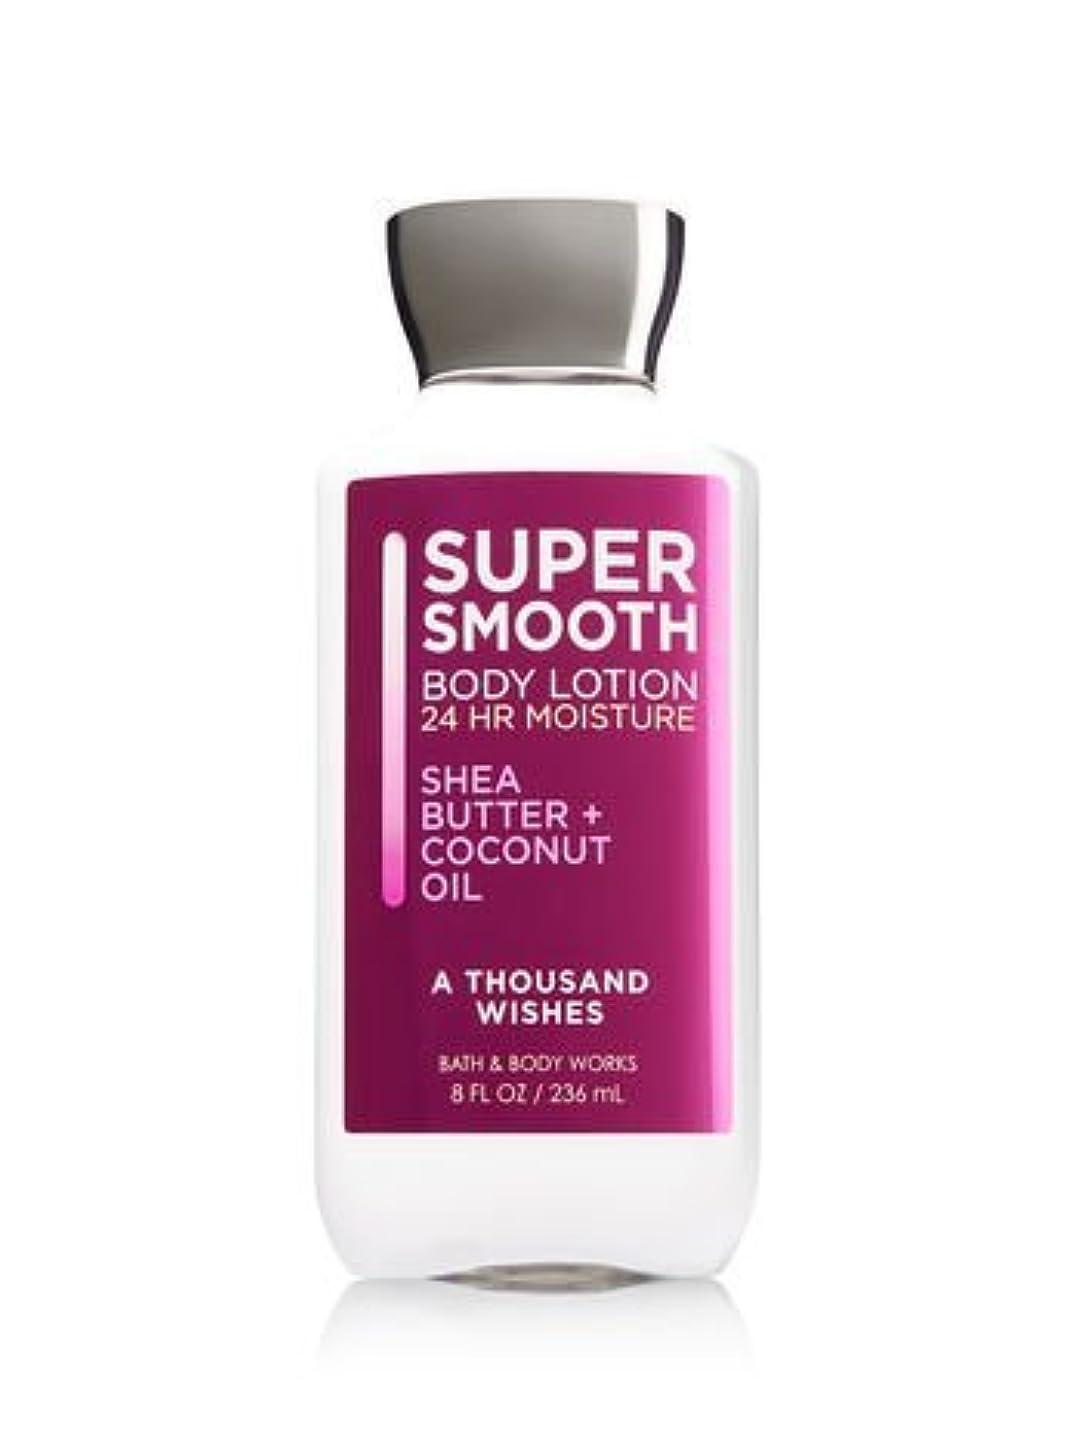 スチュアート島座るスラダム【Bath&Body Works/バス&ボディワークス】 ボディローション アサウザンドウィッシュ Super Smooth Body Lotion A Thousand Wishes 8 fl oz / 236 mL...